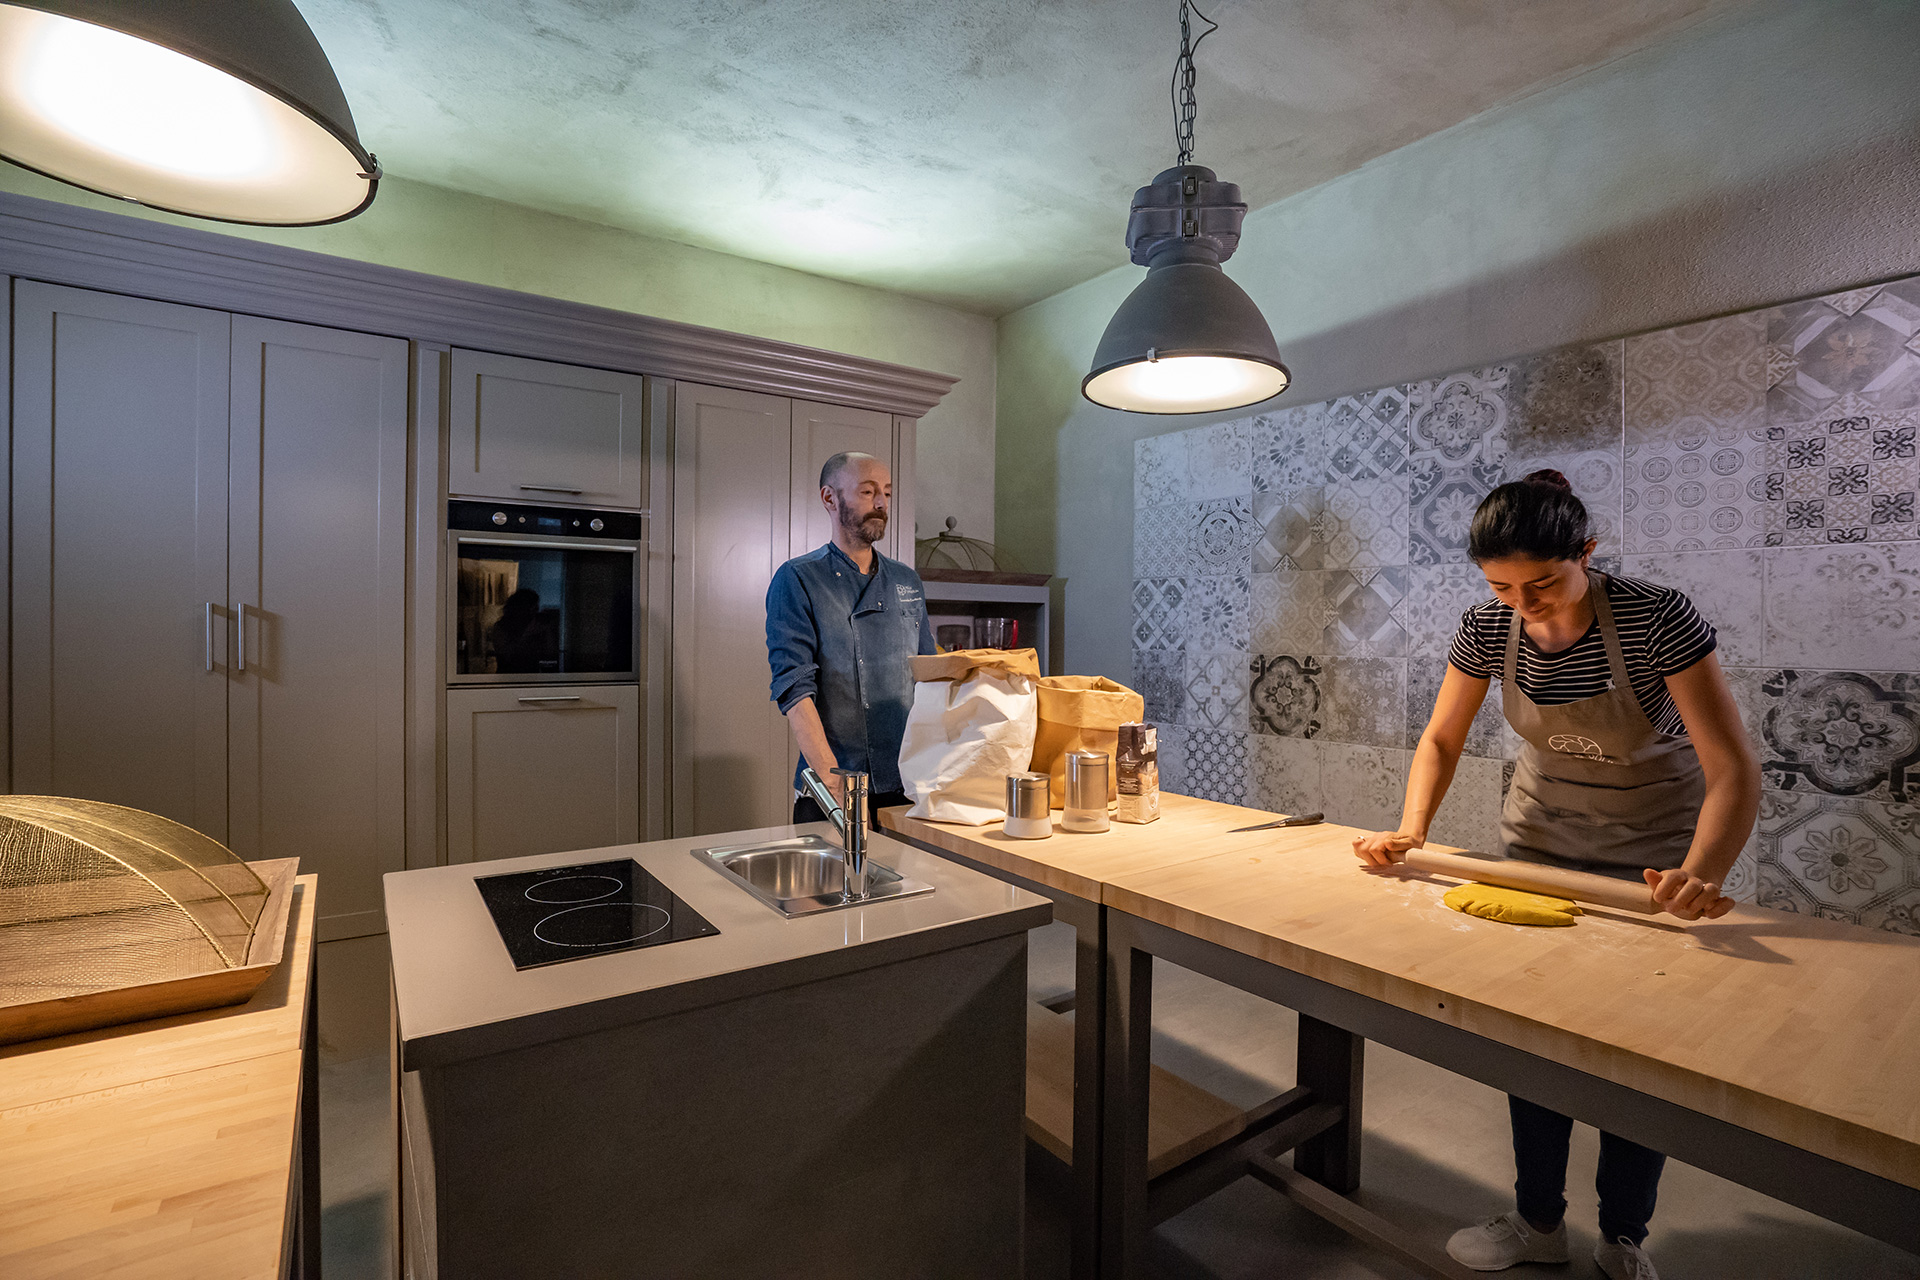 Corsi di cucina con soggiorno in Toscana | Villa Sassolini